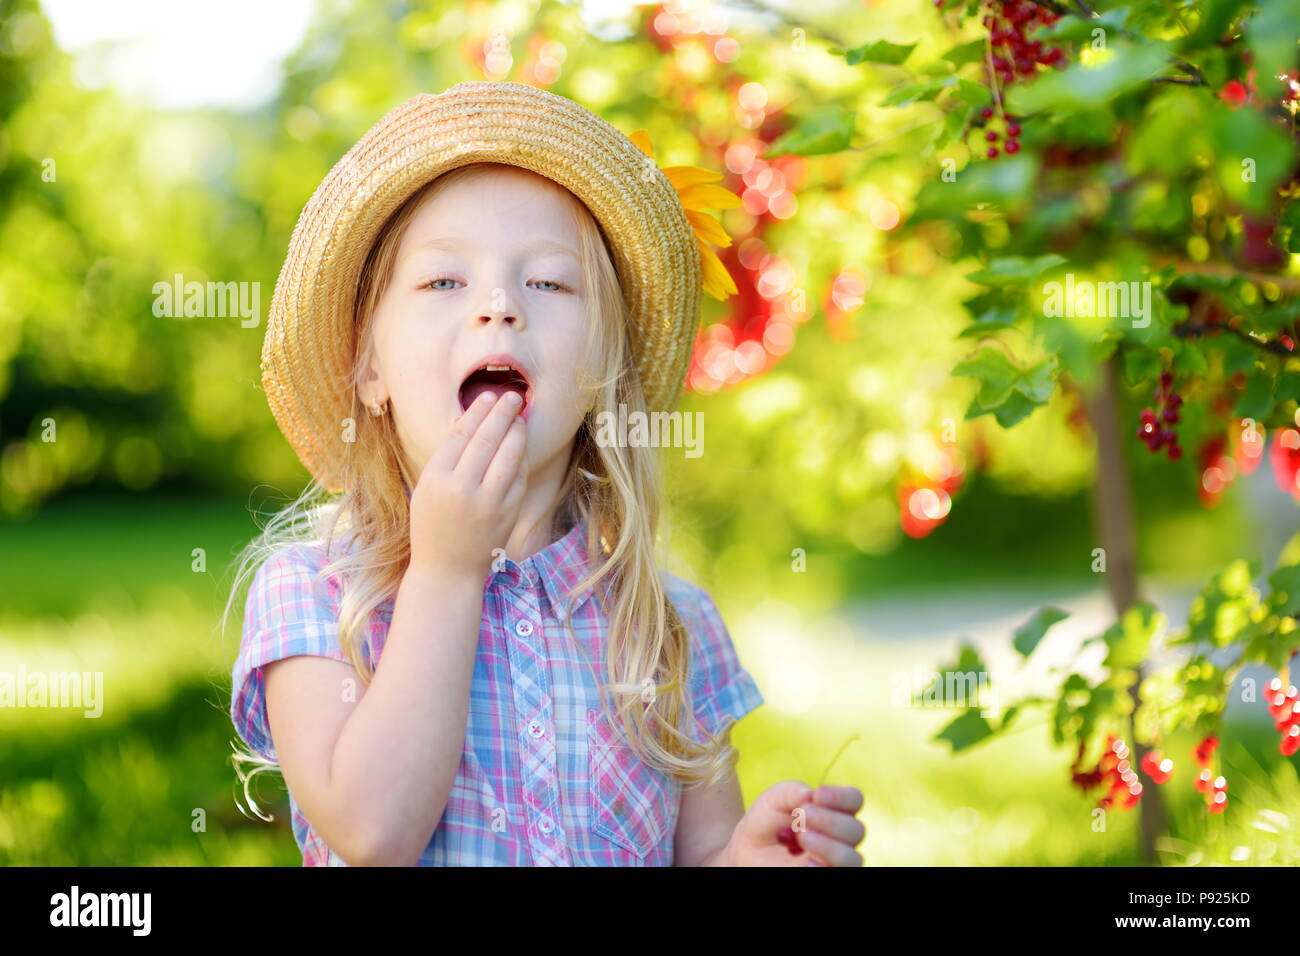 little girl picking wild organic stock photos & little girl picking